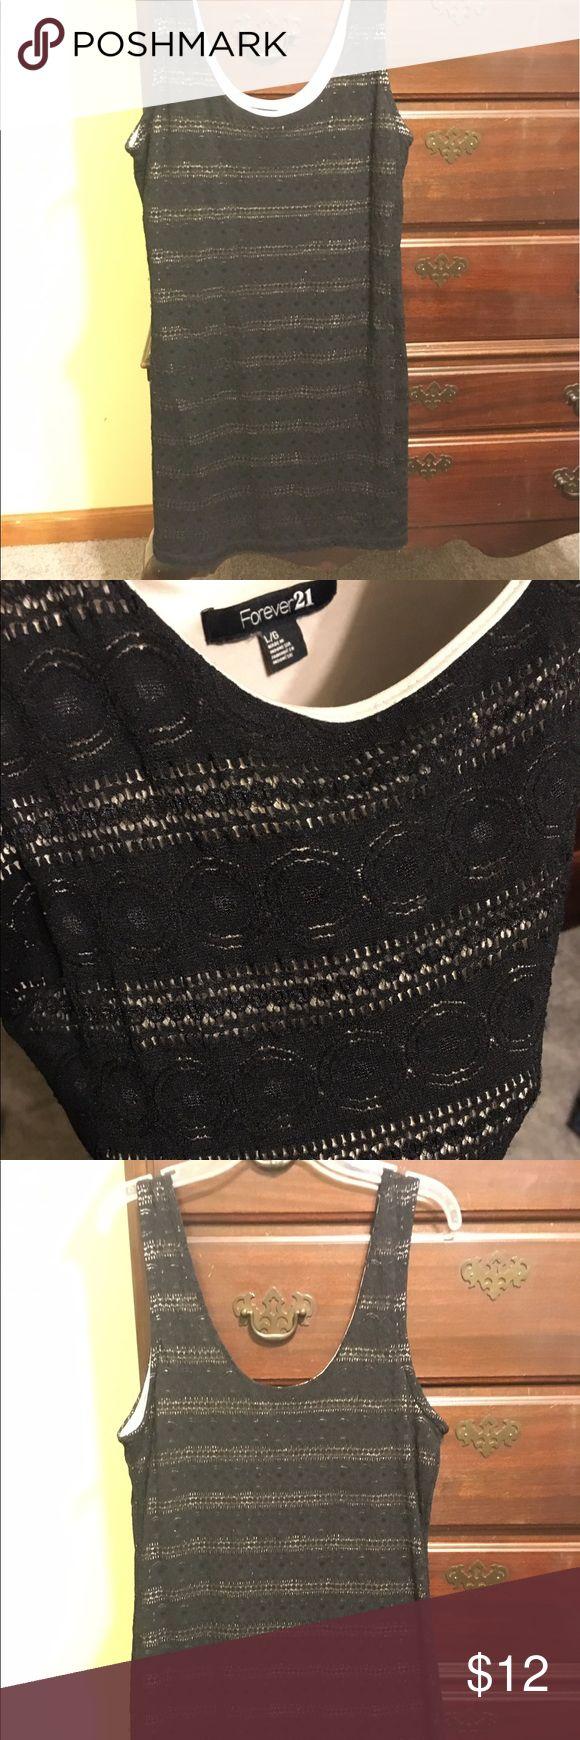 Black lace dress Black lace dress over a tan slip Forever 21 Dresses Mini